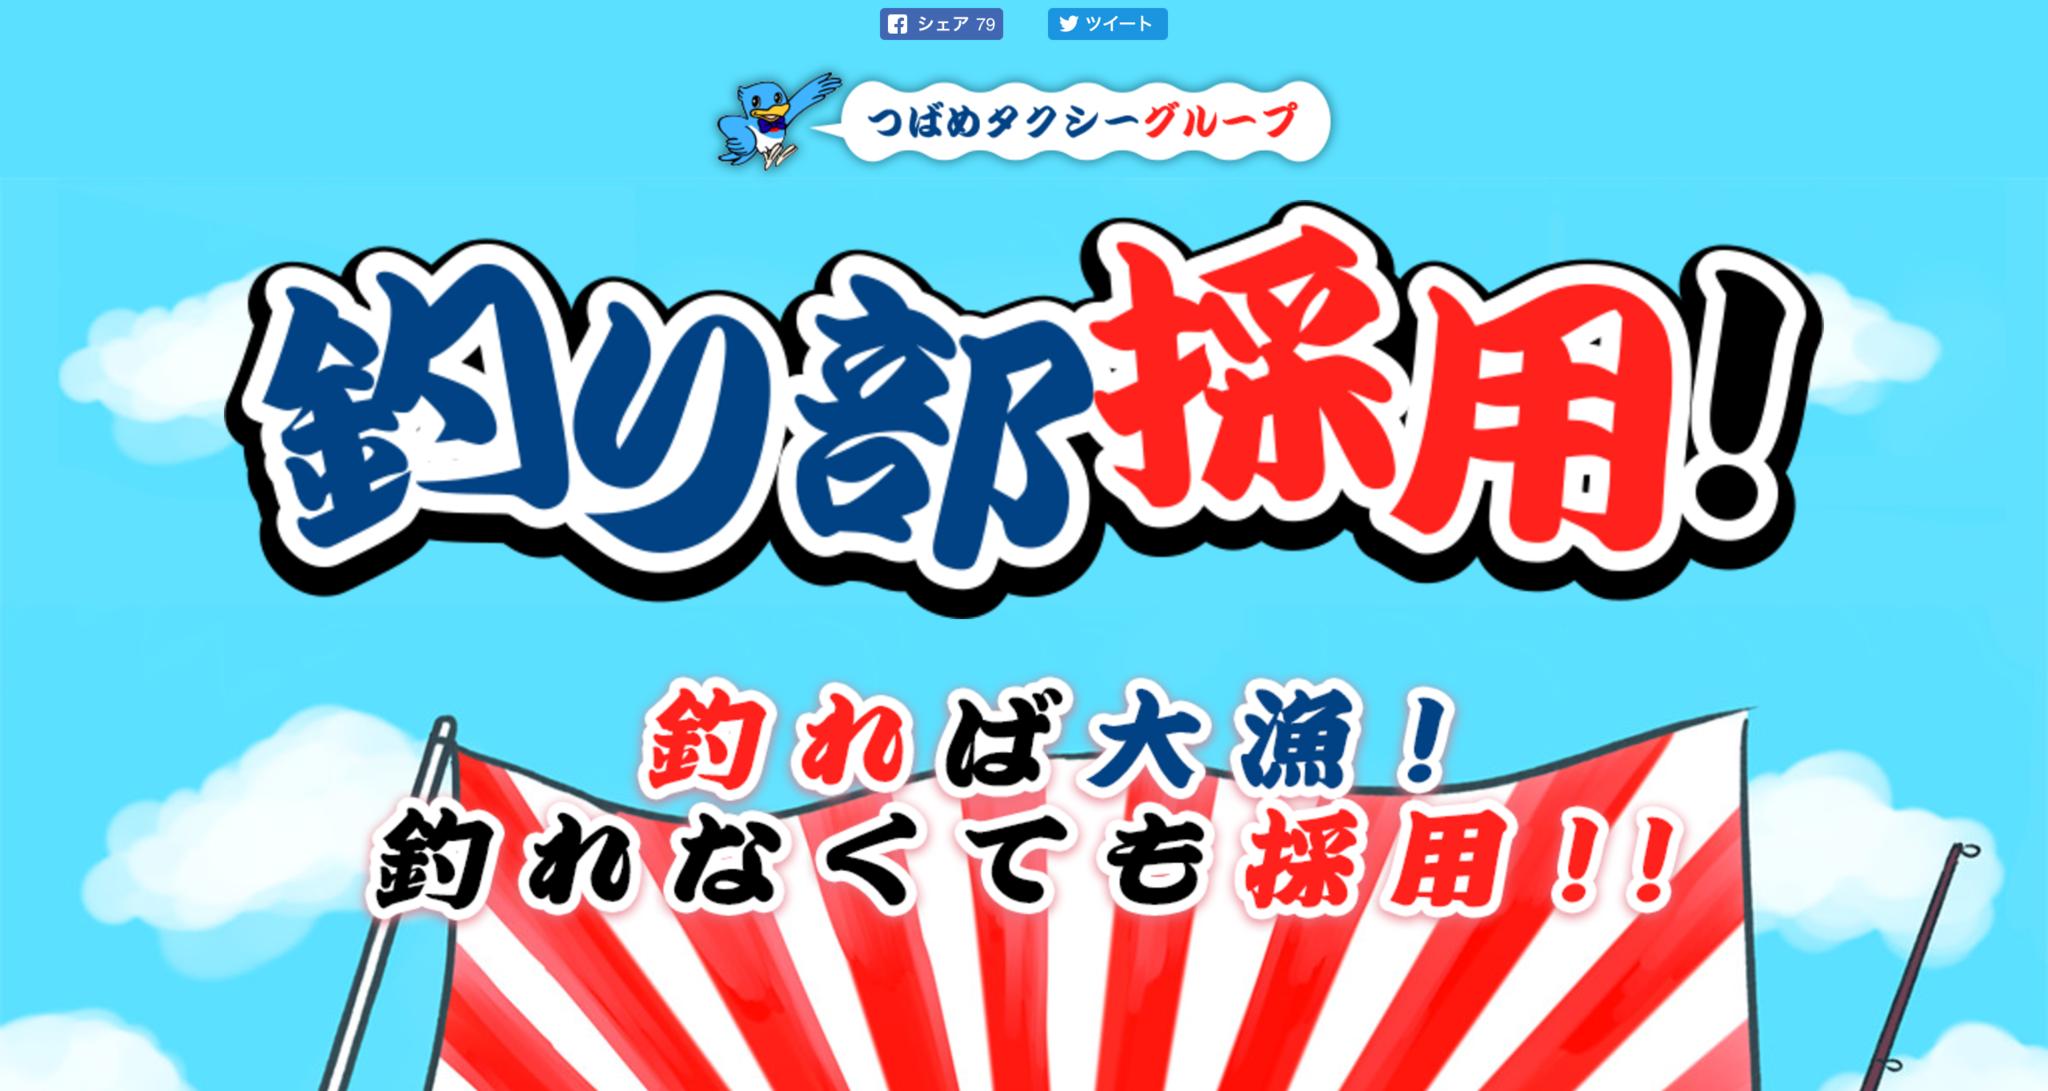 釣り部採用___つばめタクシー採用サイト.png